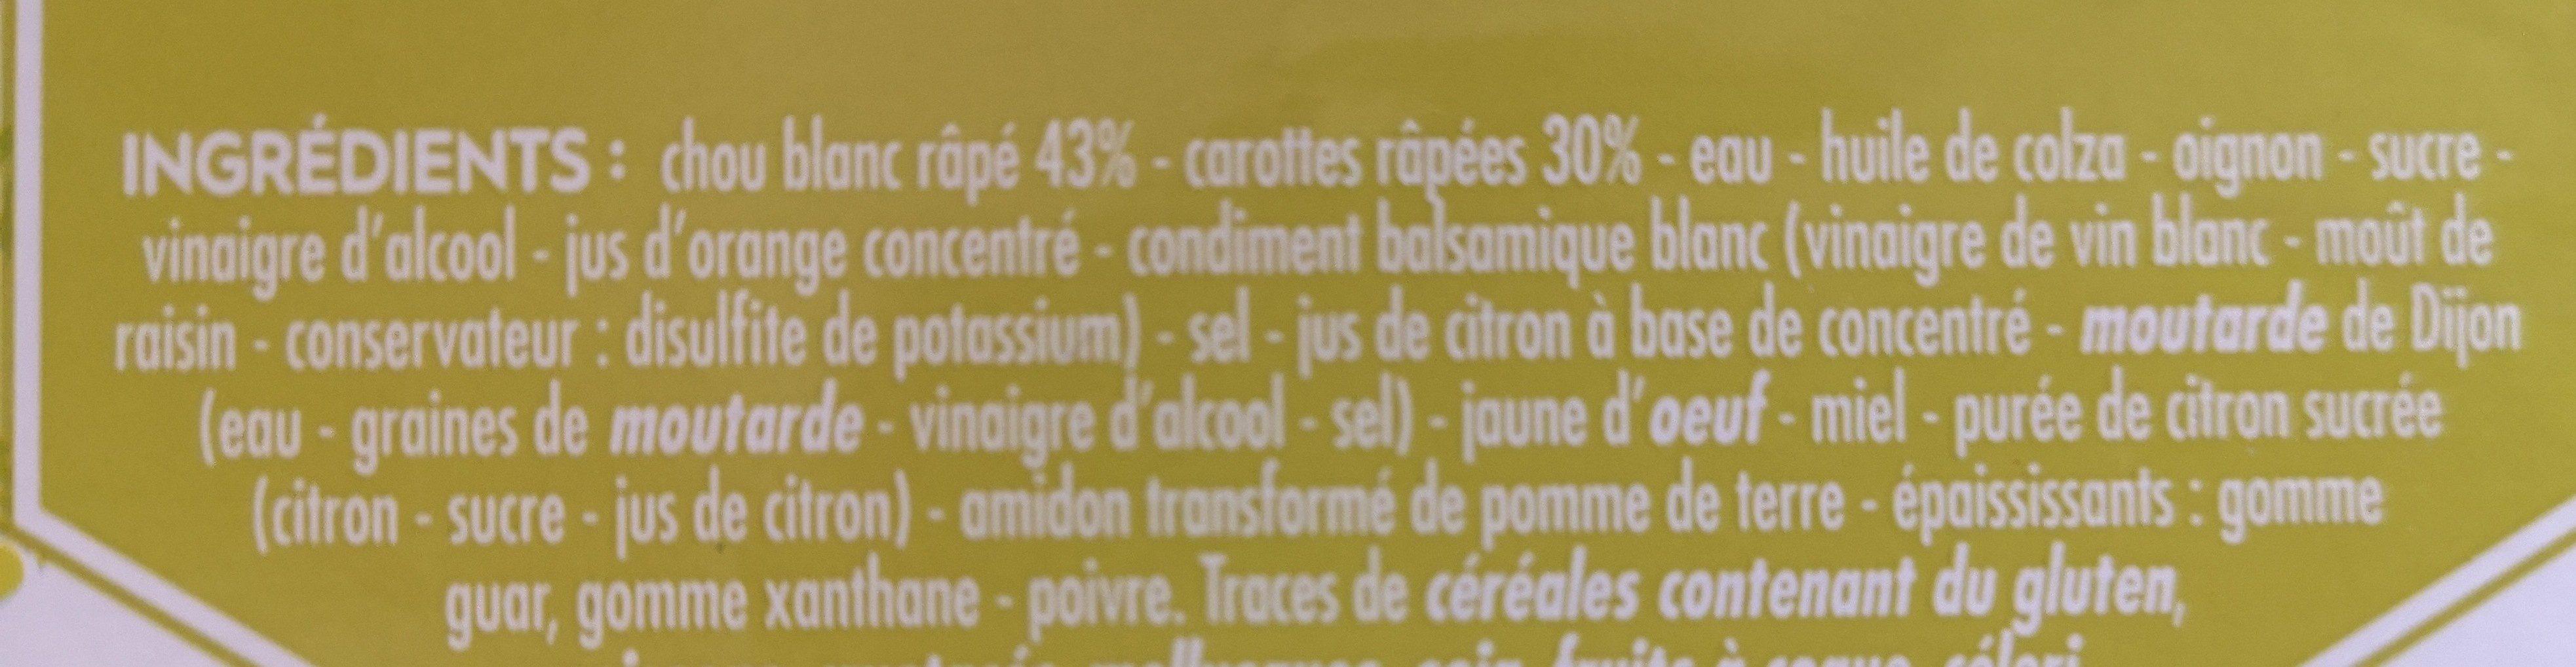 Coleslaw - Ingrédients - fr